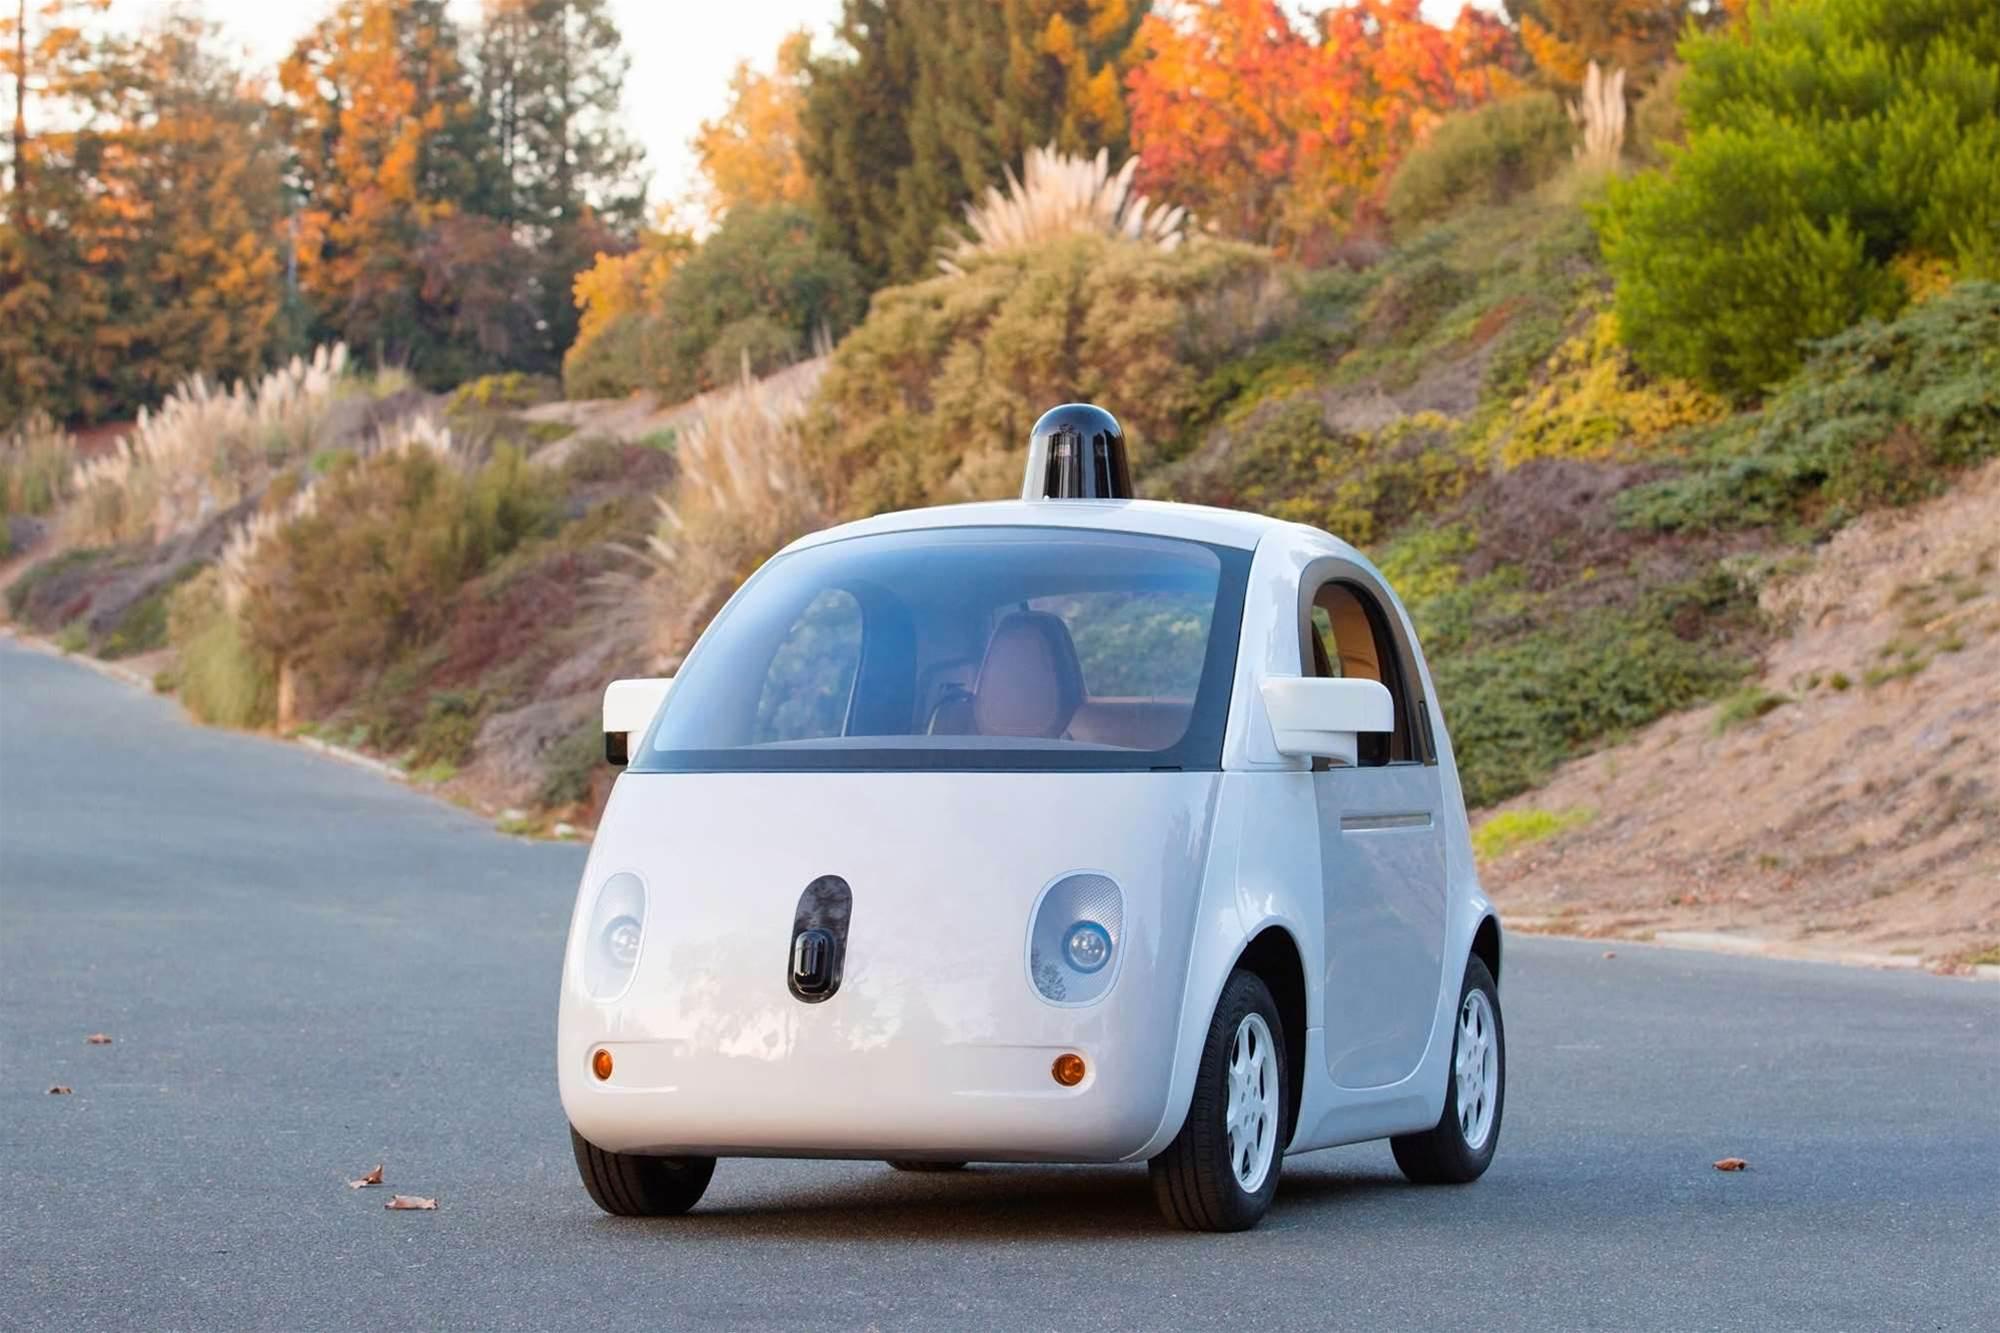 Photos: The race for driverless cars